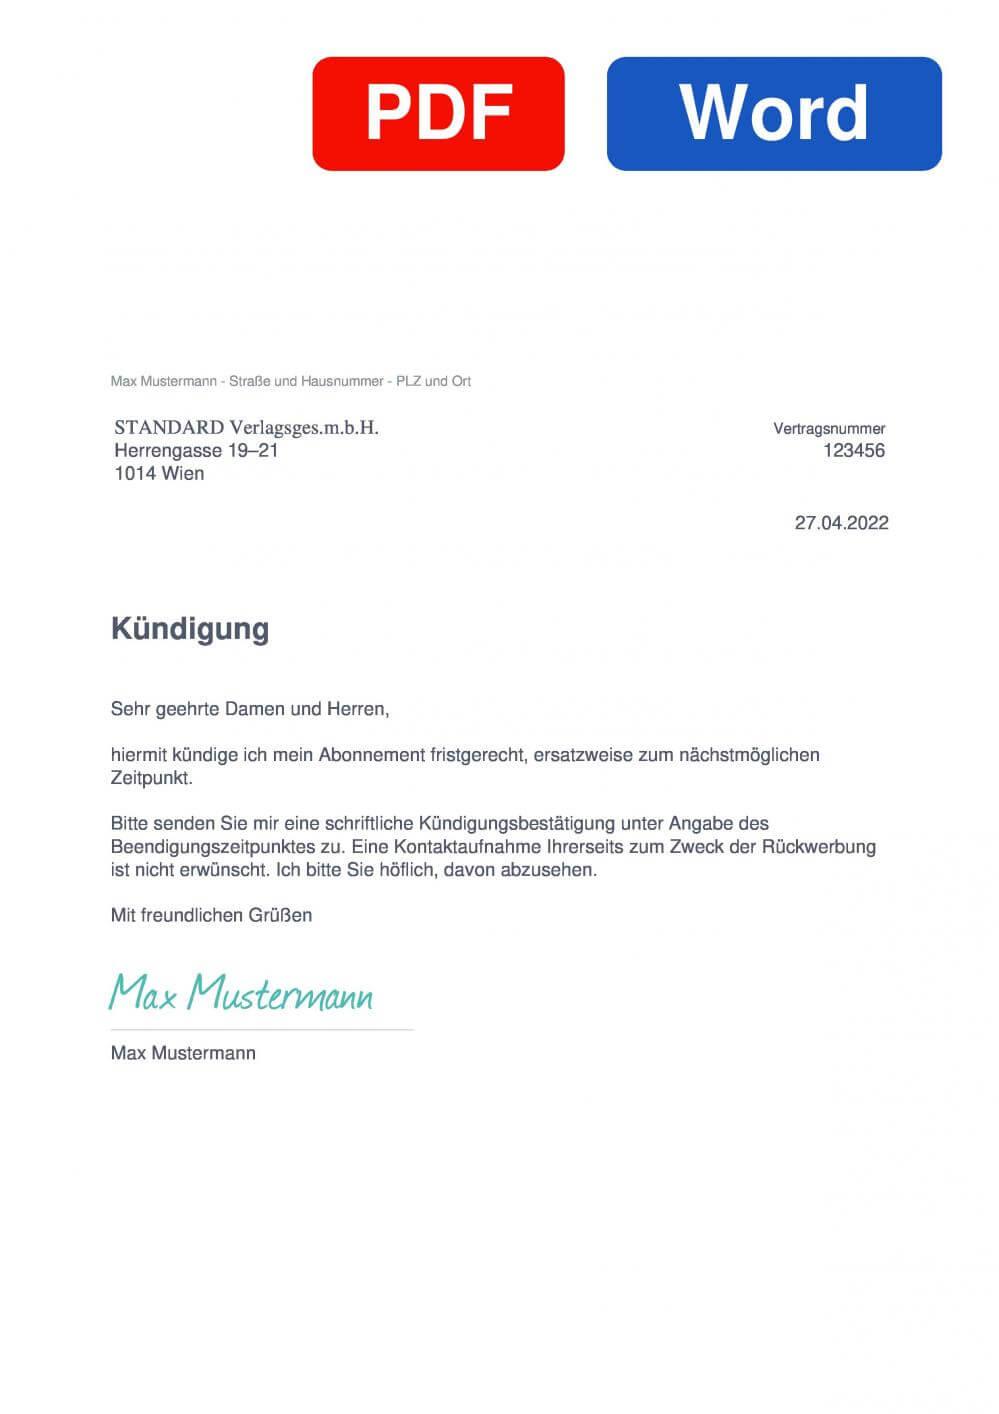 Der Standart Muster Vorlage für Kündigungsschreiben